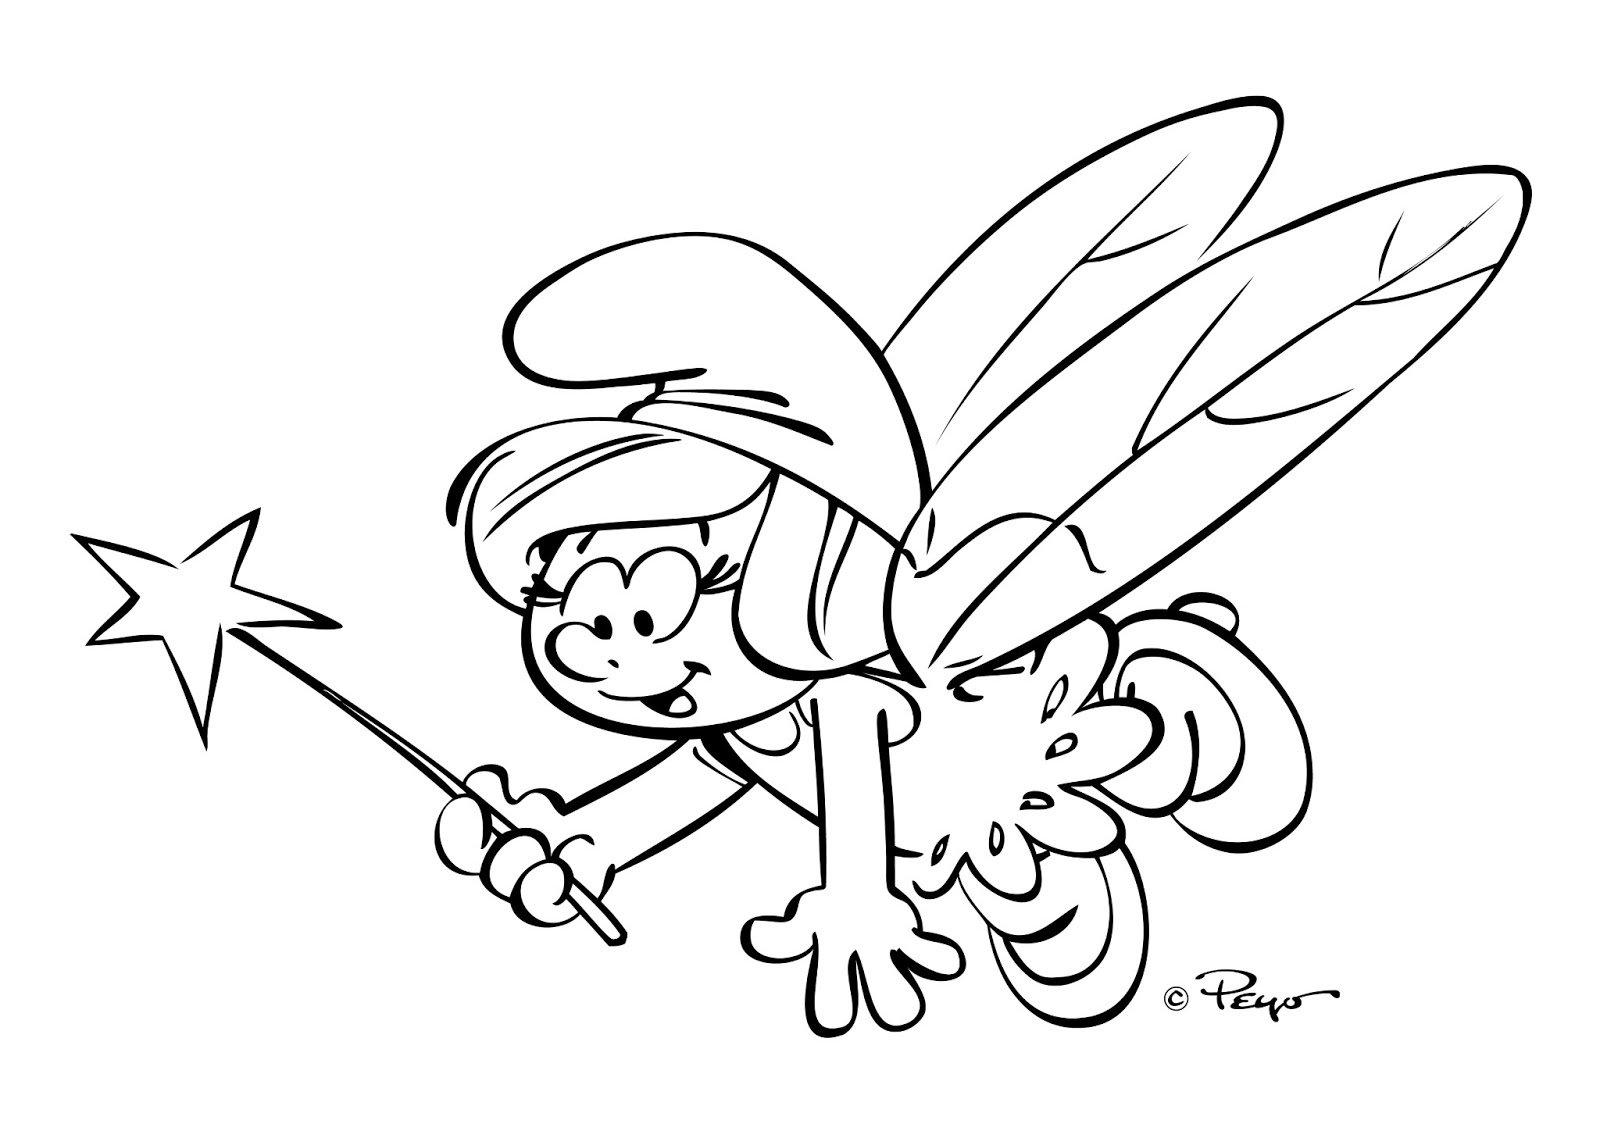 Dibujos Ideia Criativa  Desenho Os Smurfs Para Colorir